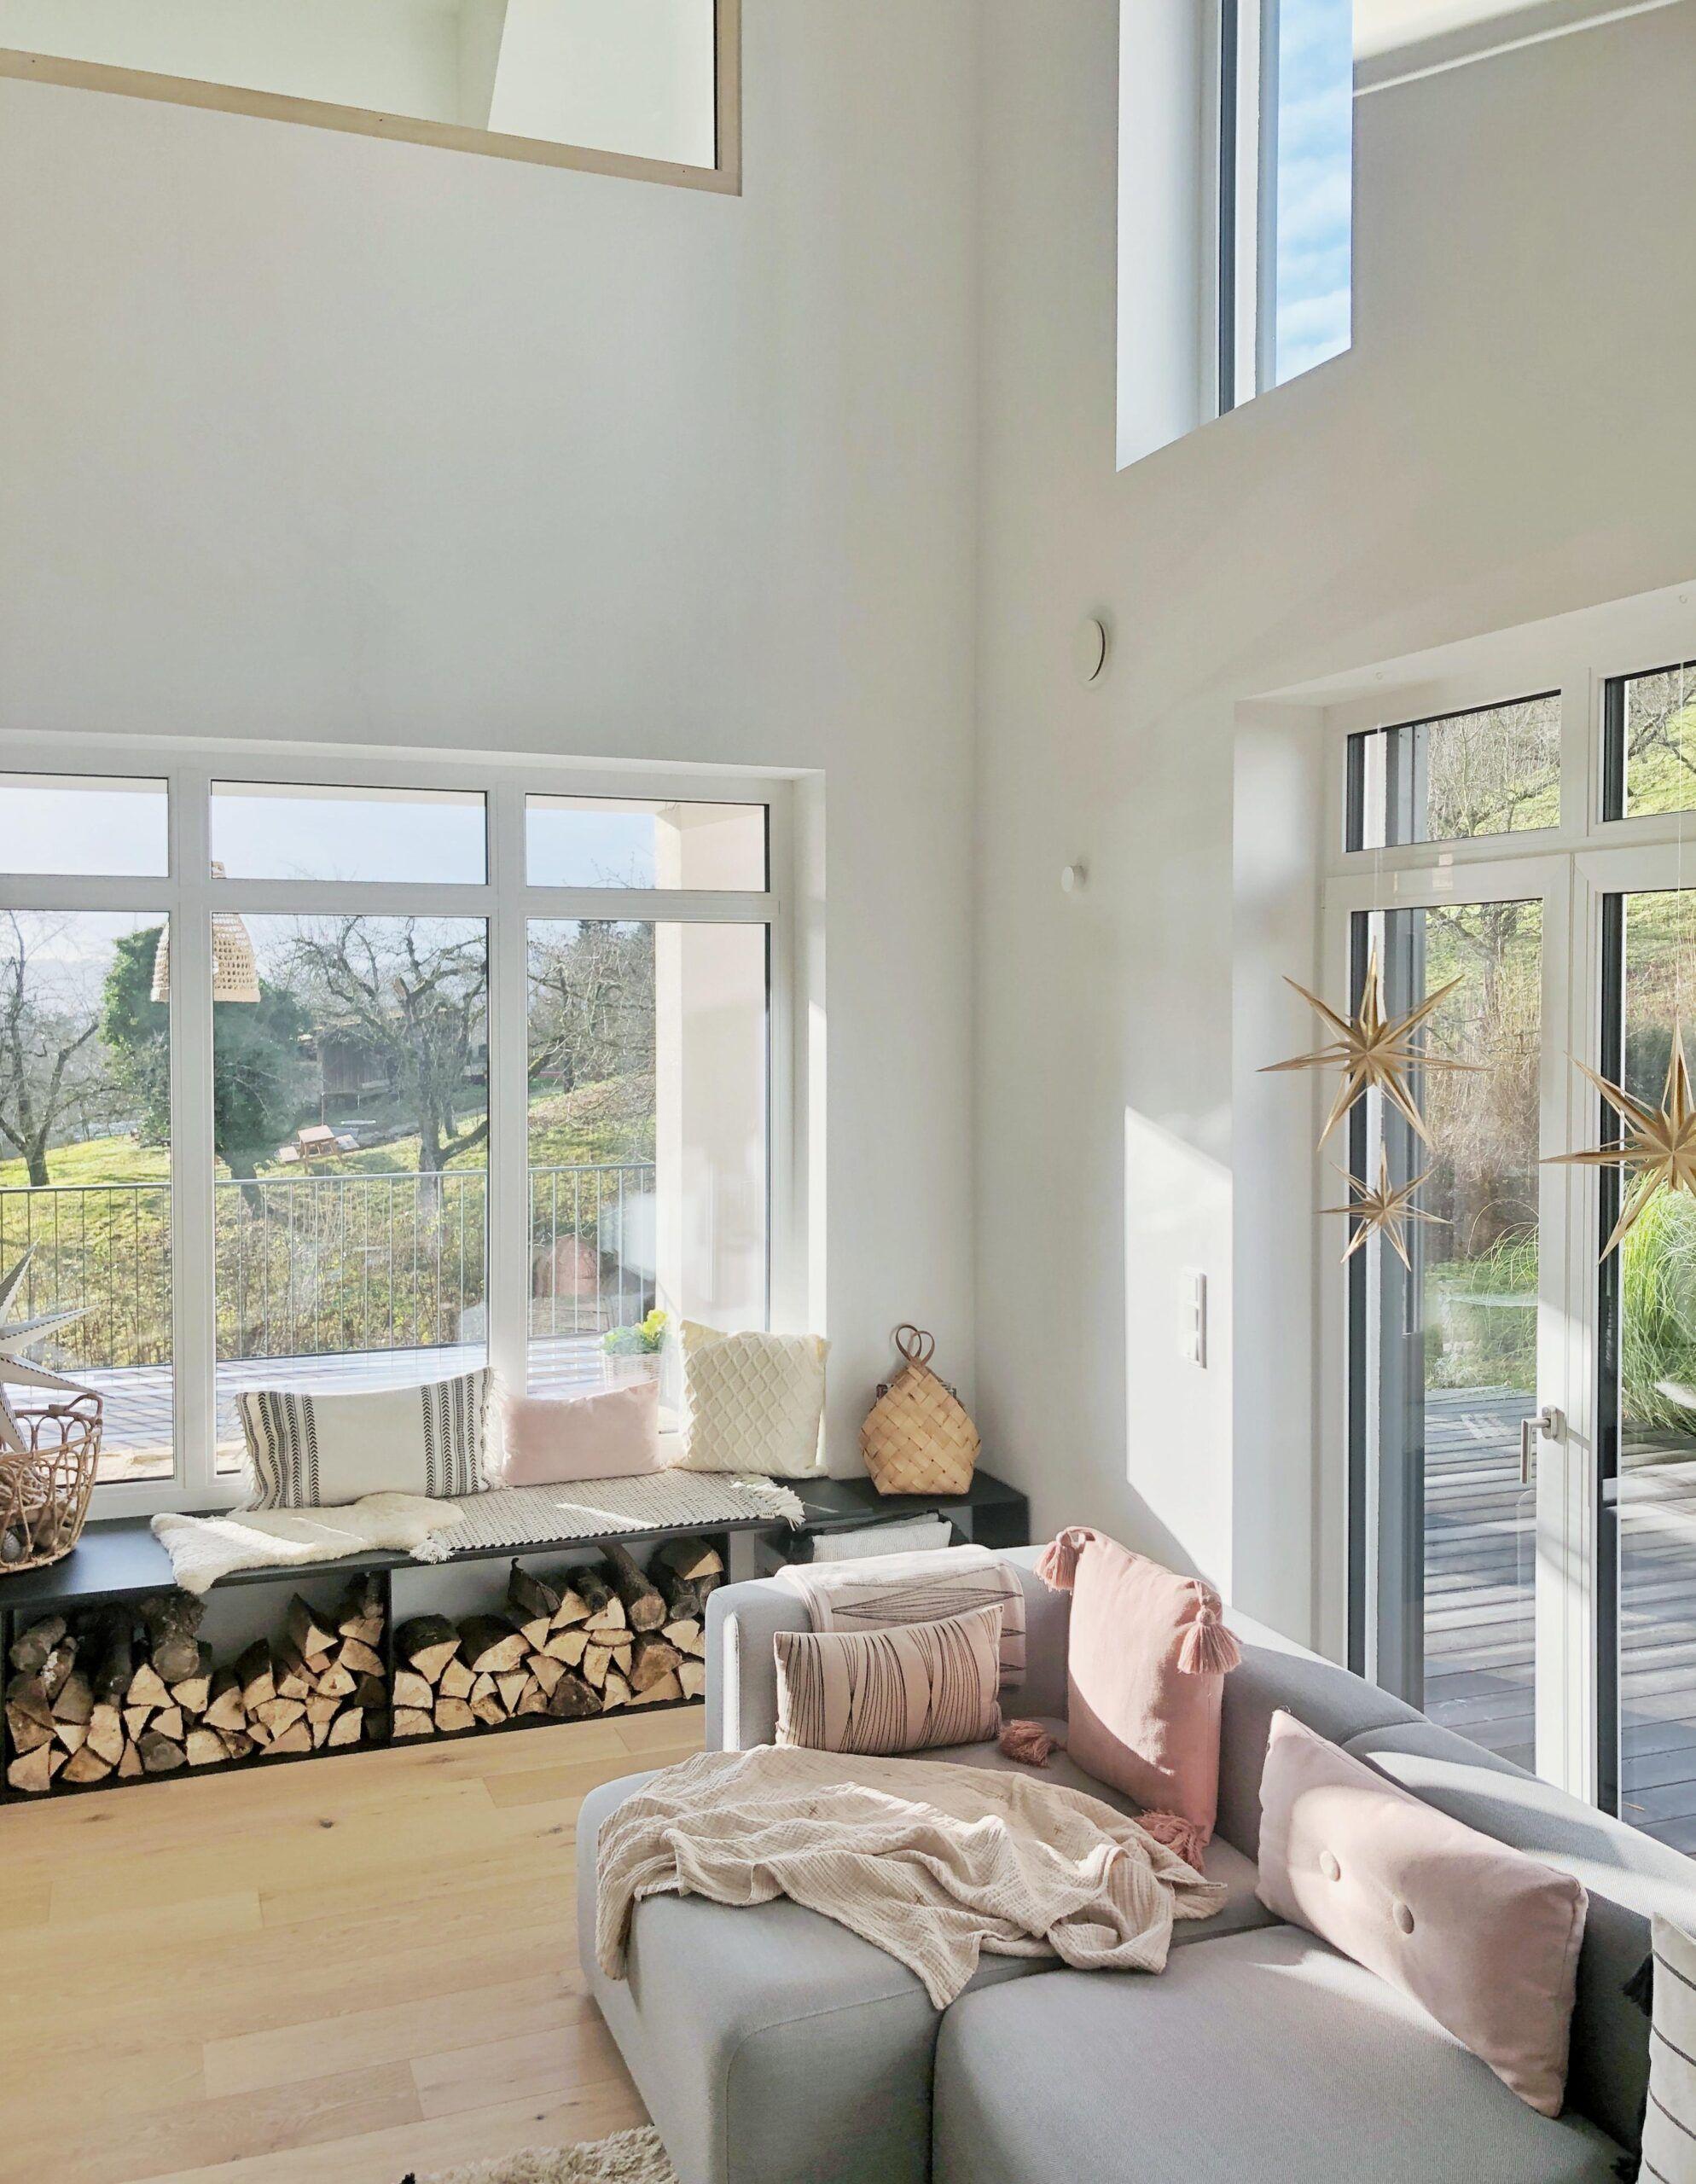 5 Kuche Sitzbank Fenster In 2020 Haus Deko Sitzfenster Einrichtungsstil